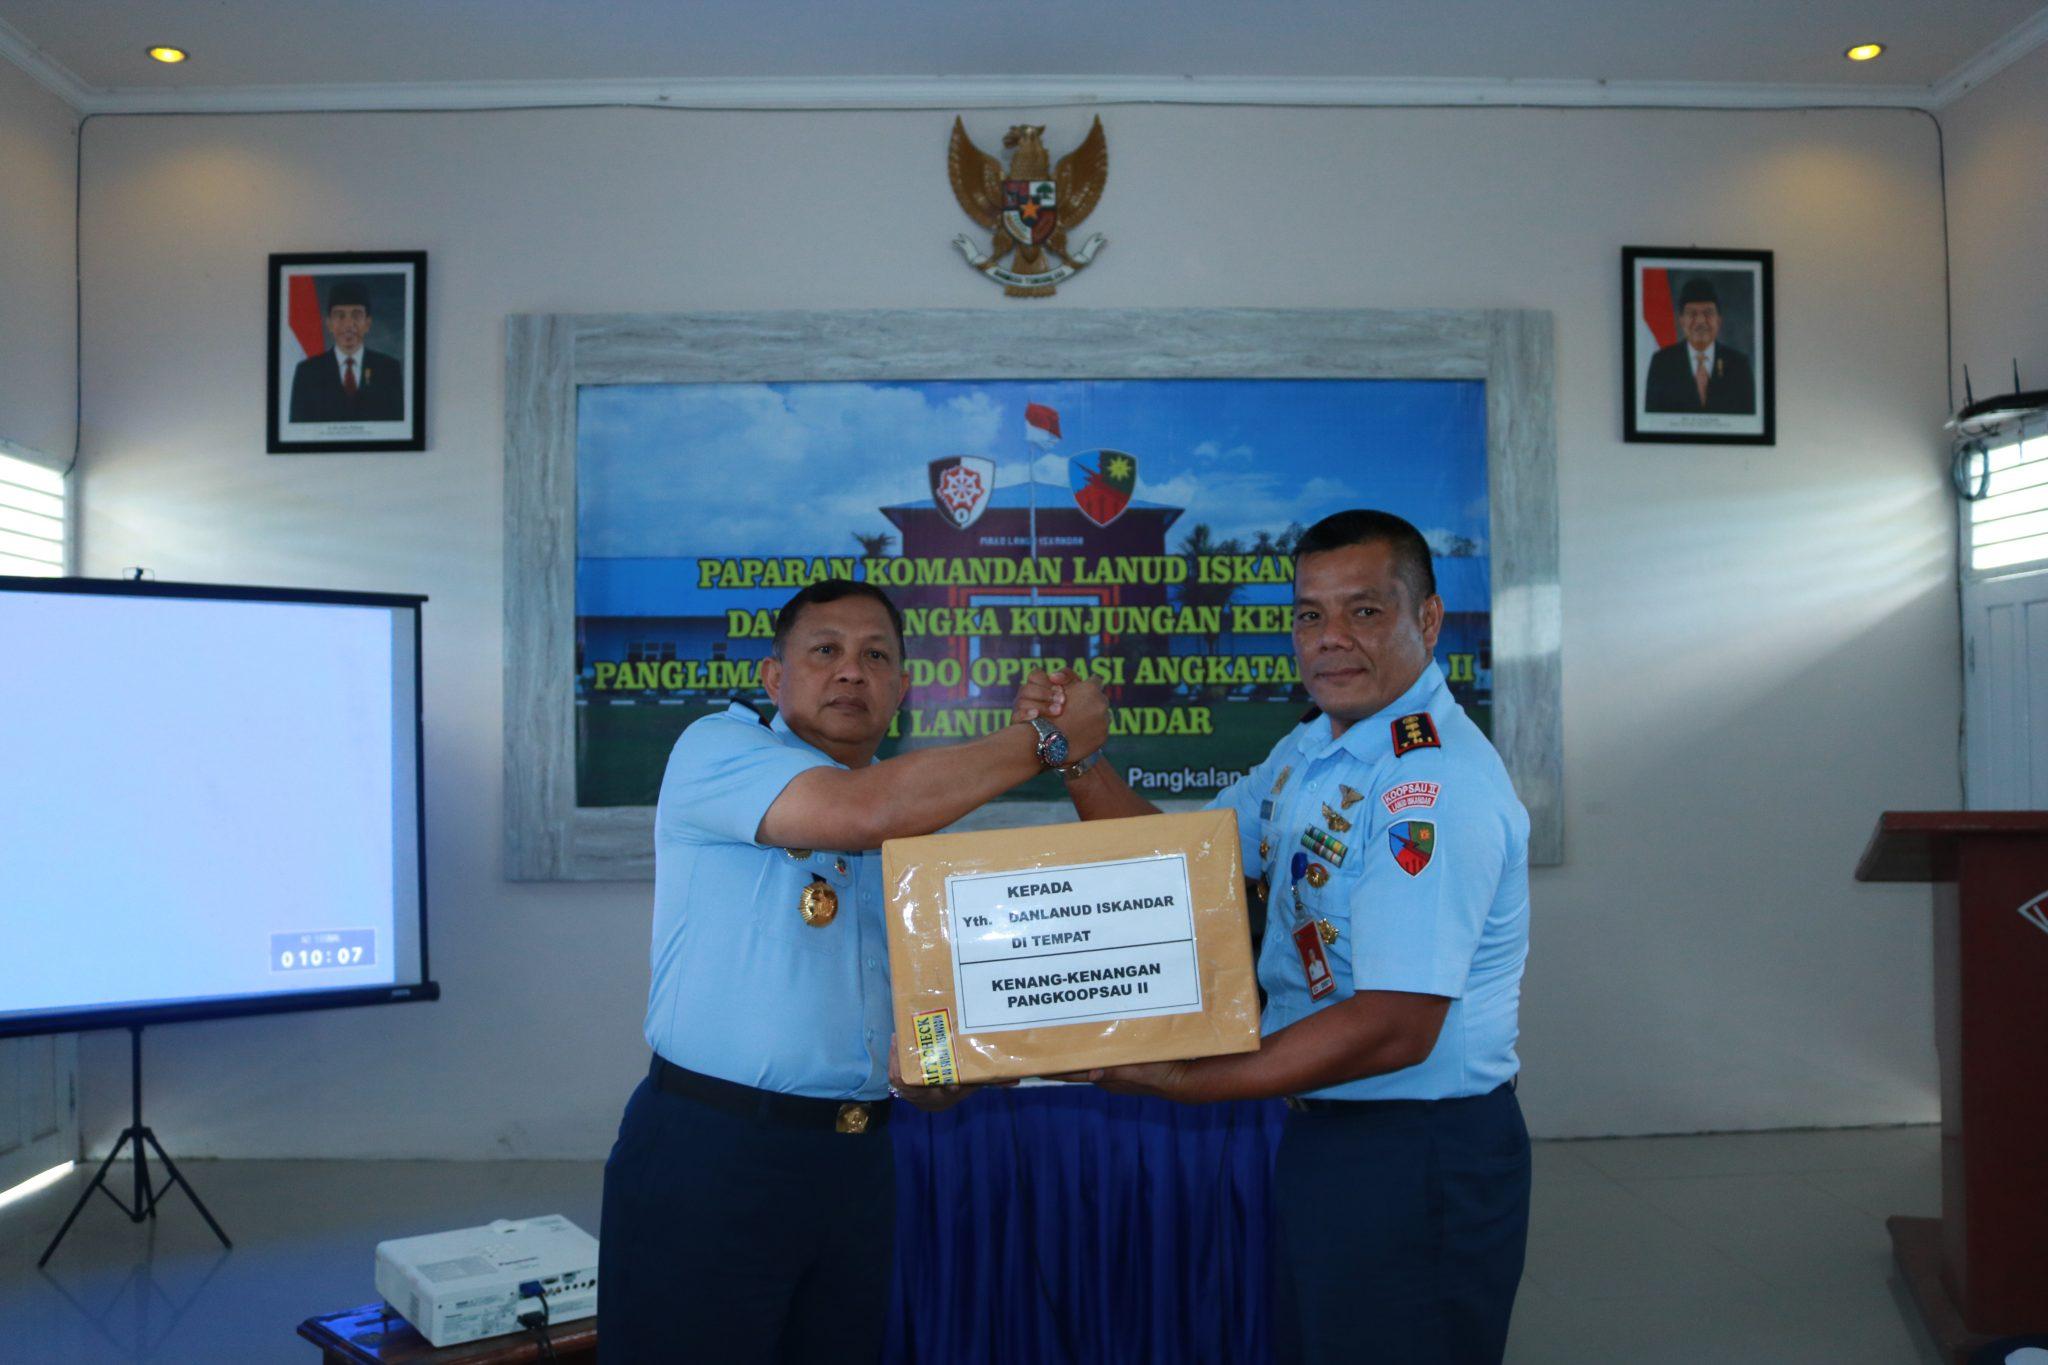 Kunjungan Kerja Pangkoopsau II di Lanud Iskandar